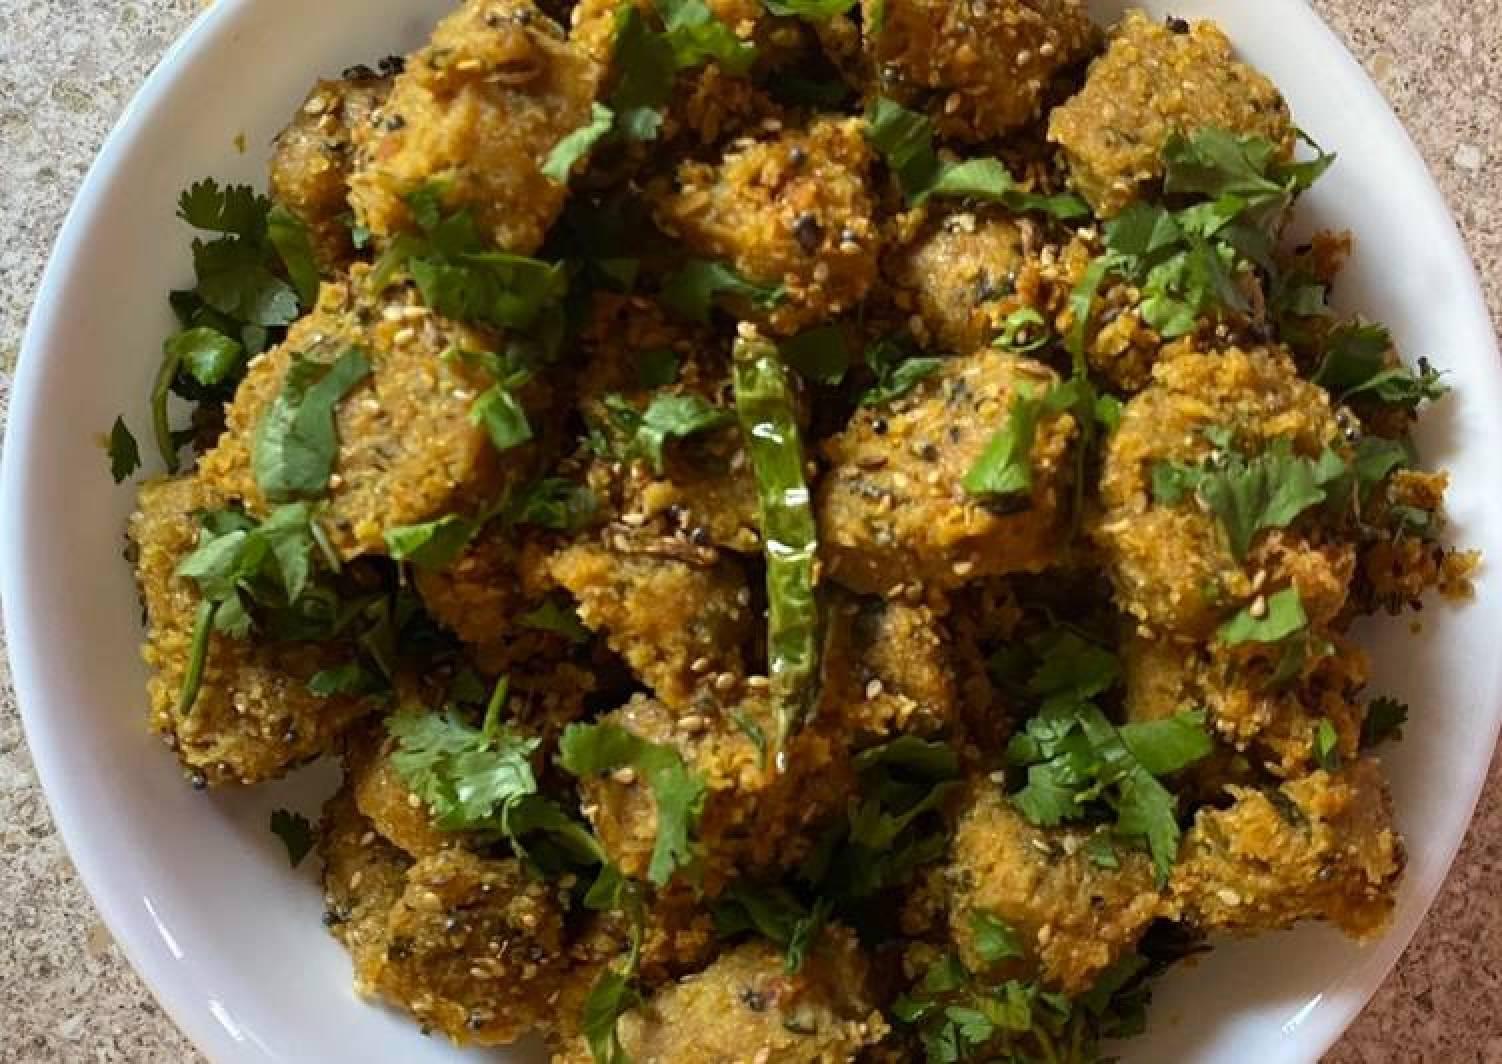 Bottle gourd dumplings (Dudhina muthia